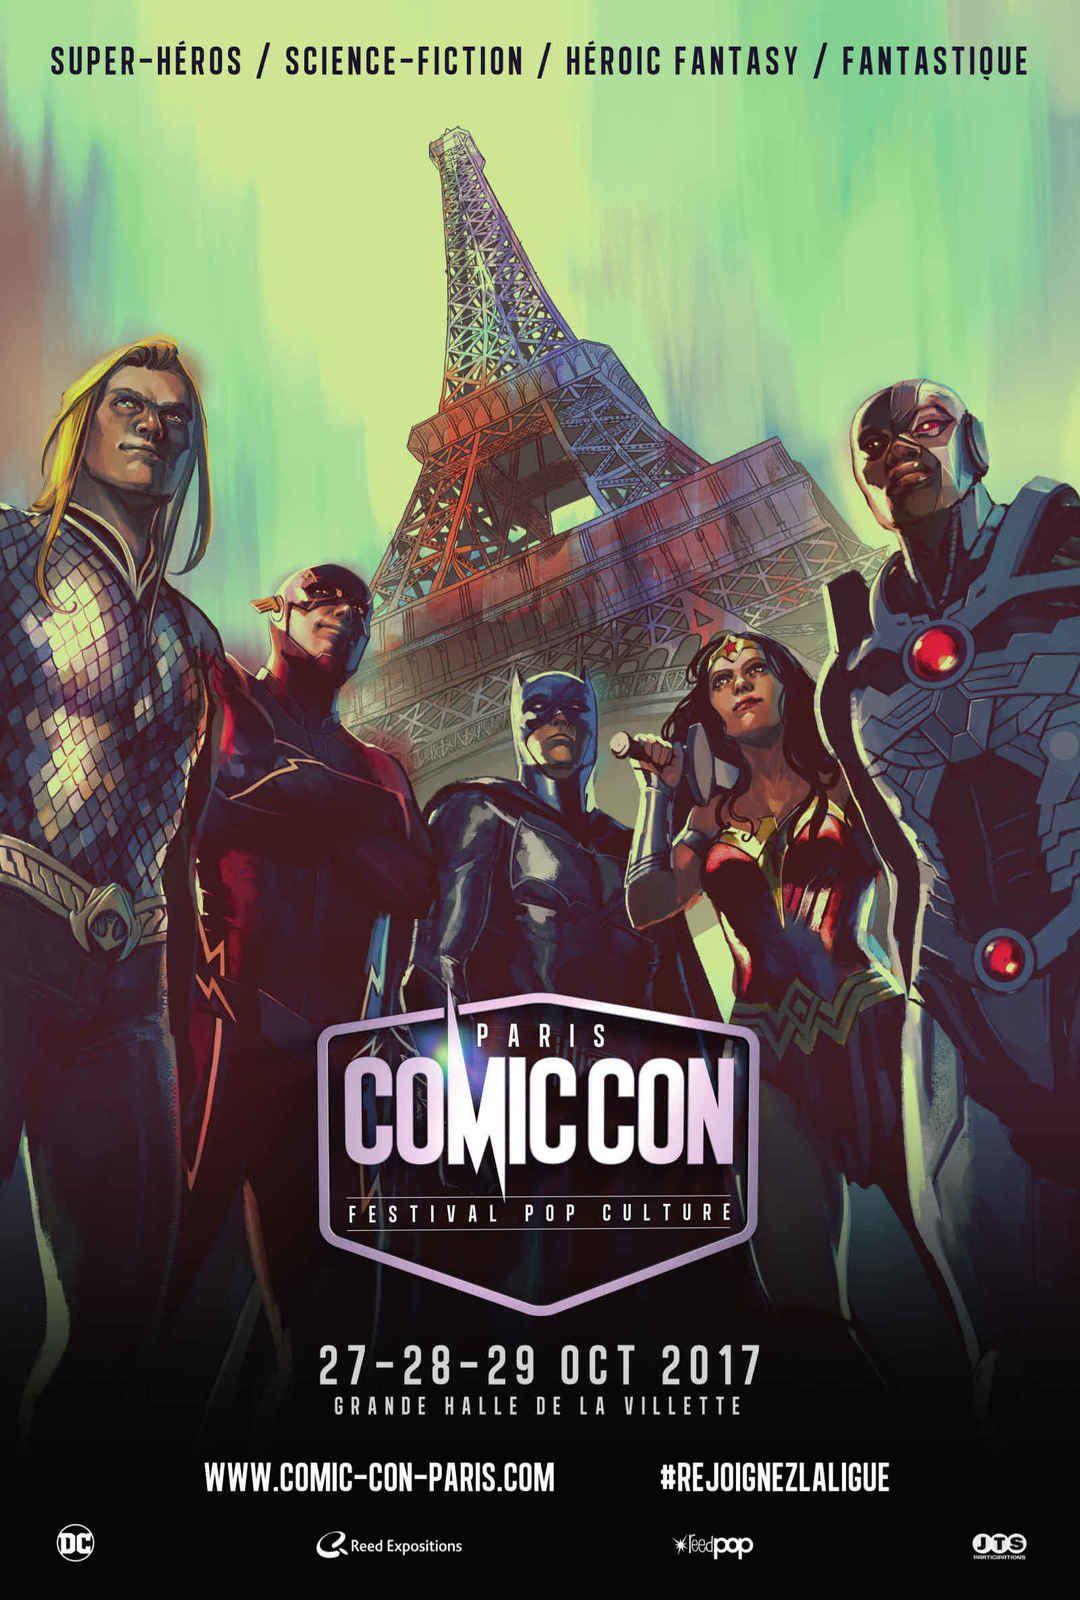 Le Comic Con Paris 2017 dévoile son affiche réalisée par Stéphanie Hans.